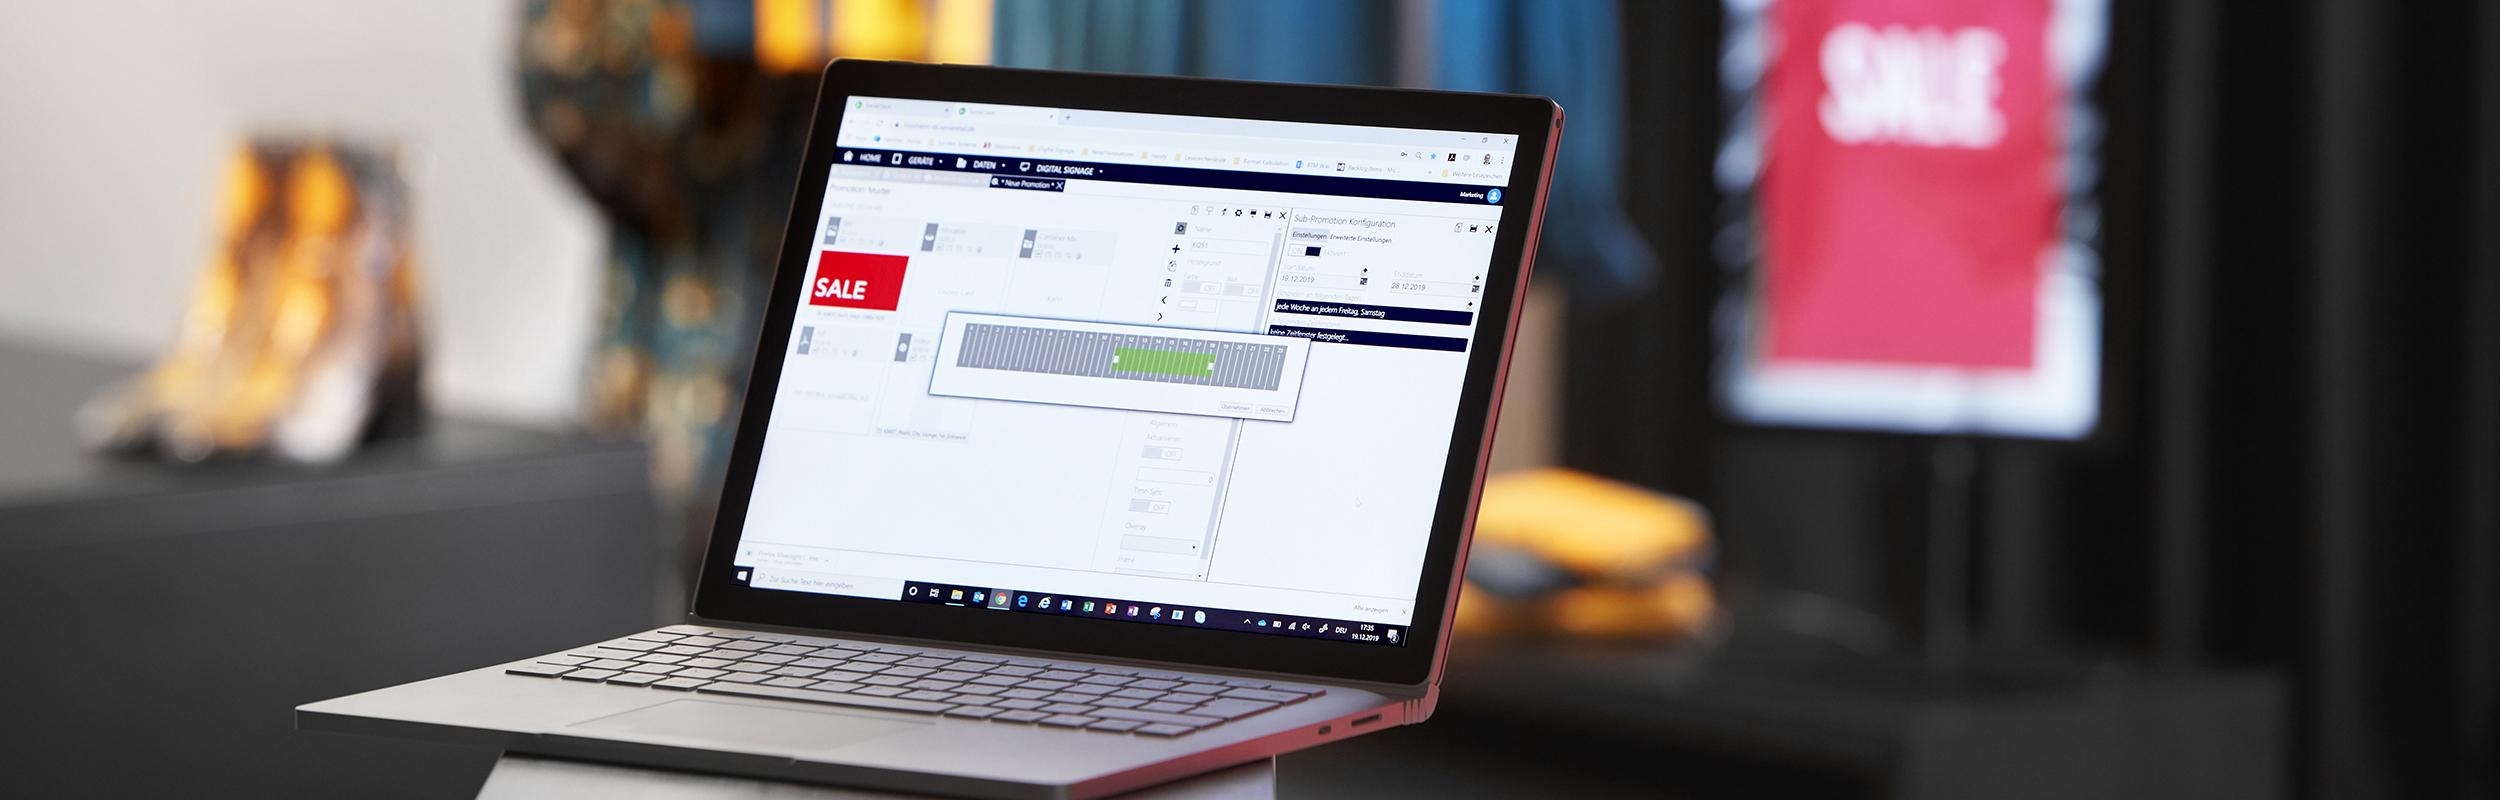 Detailansicht des soviaRetail Backstores mit Digital Counter Card im Hintergrund